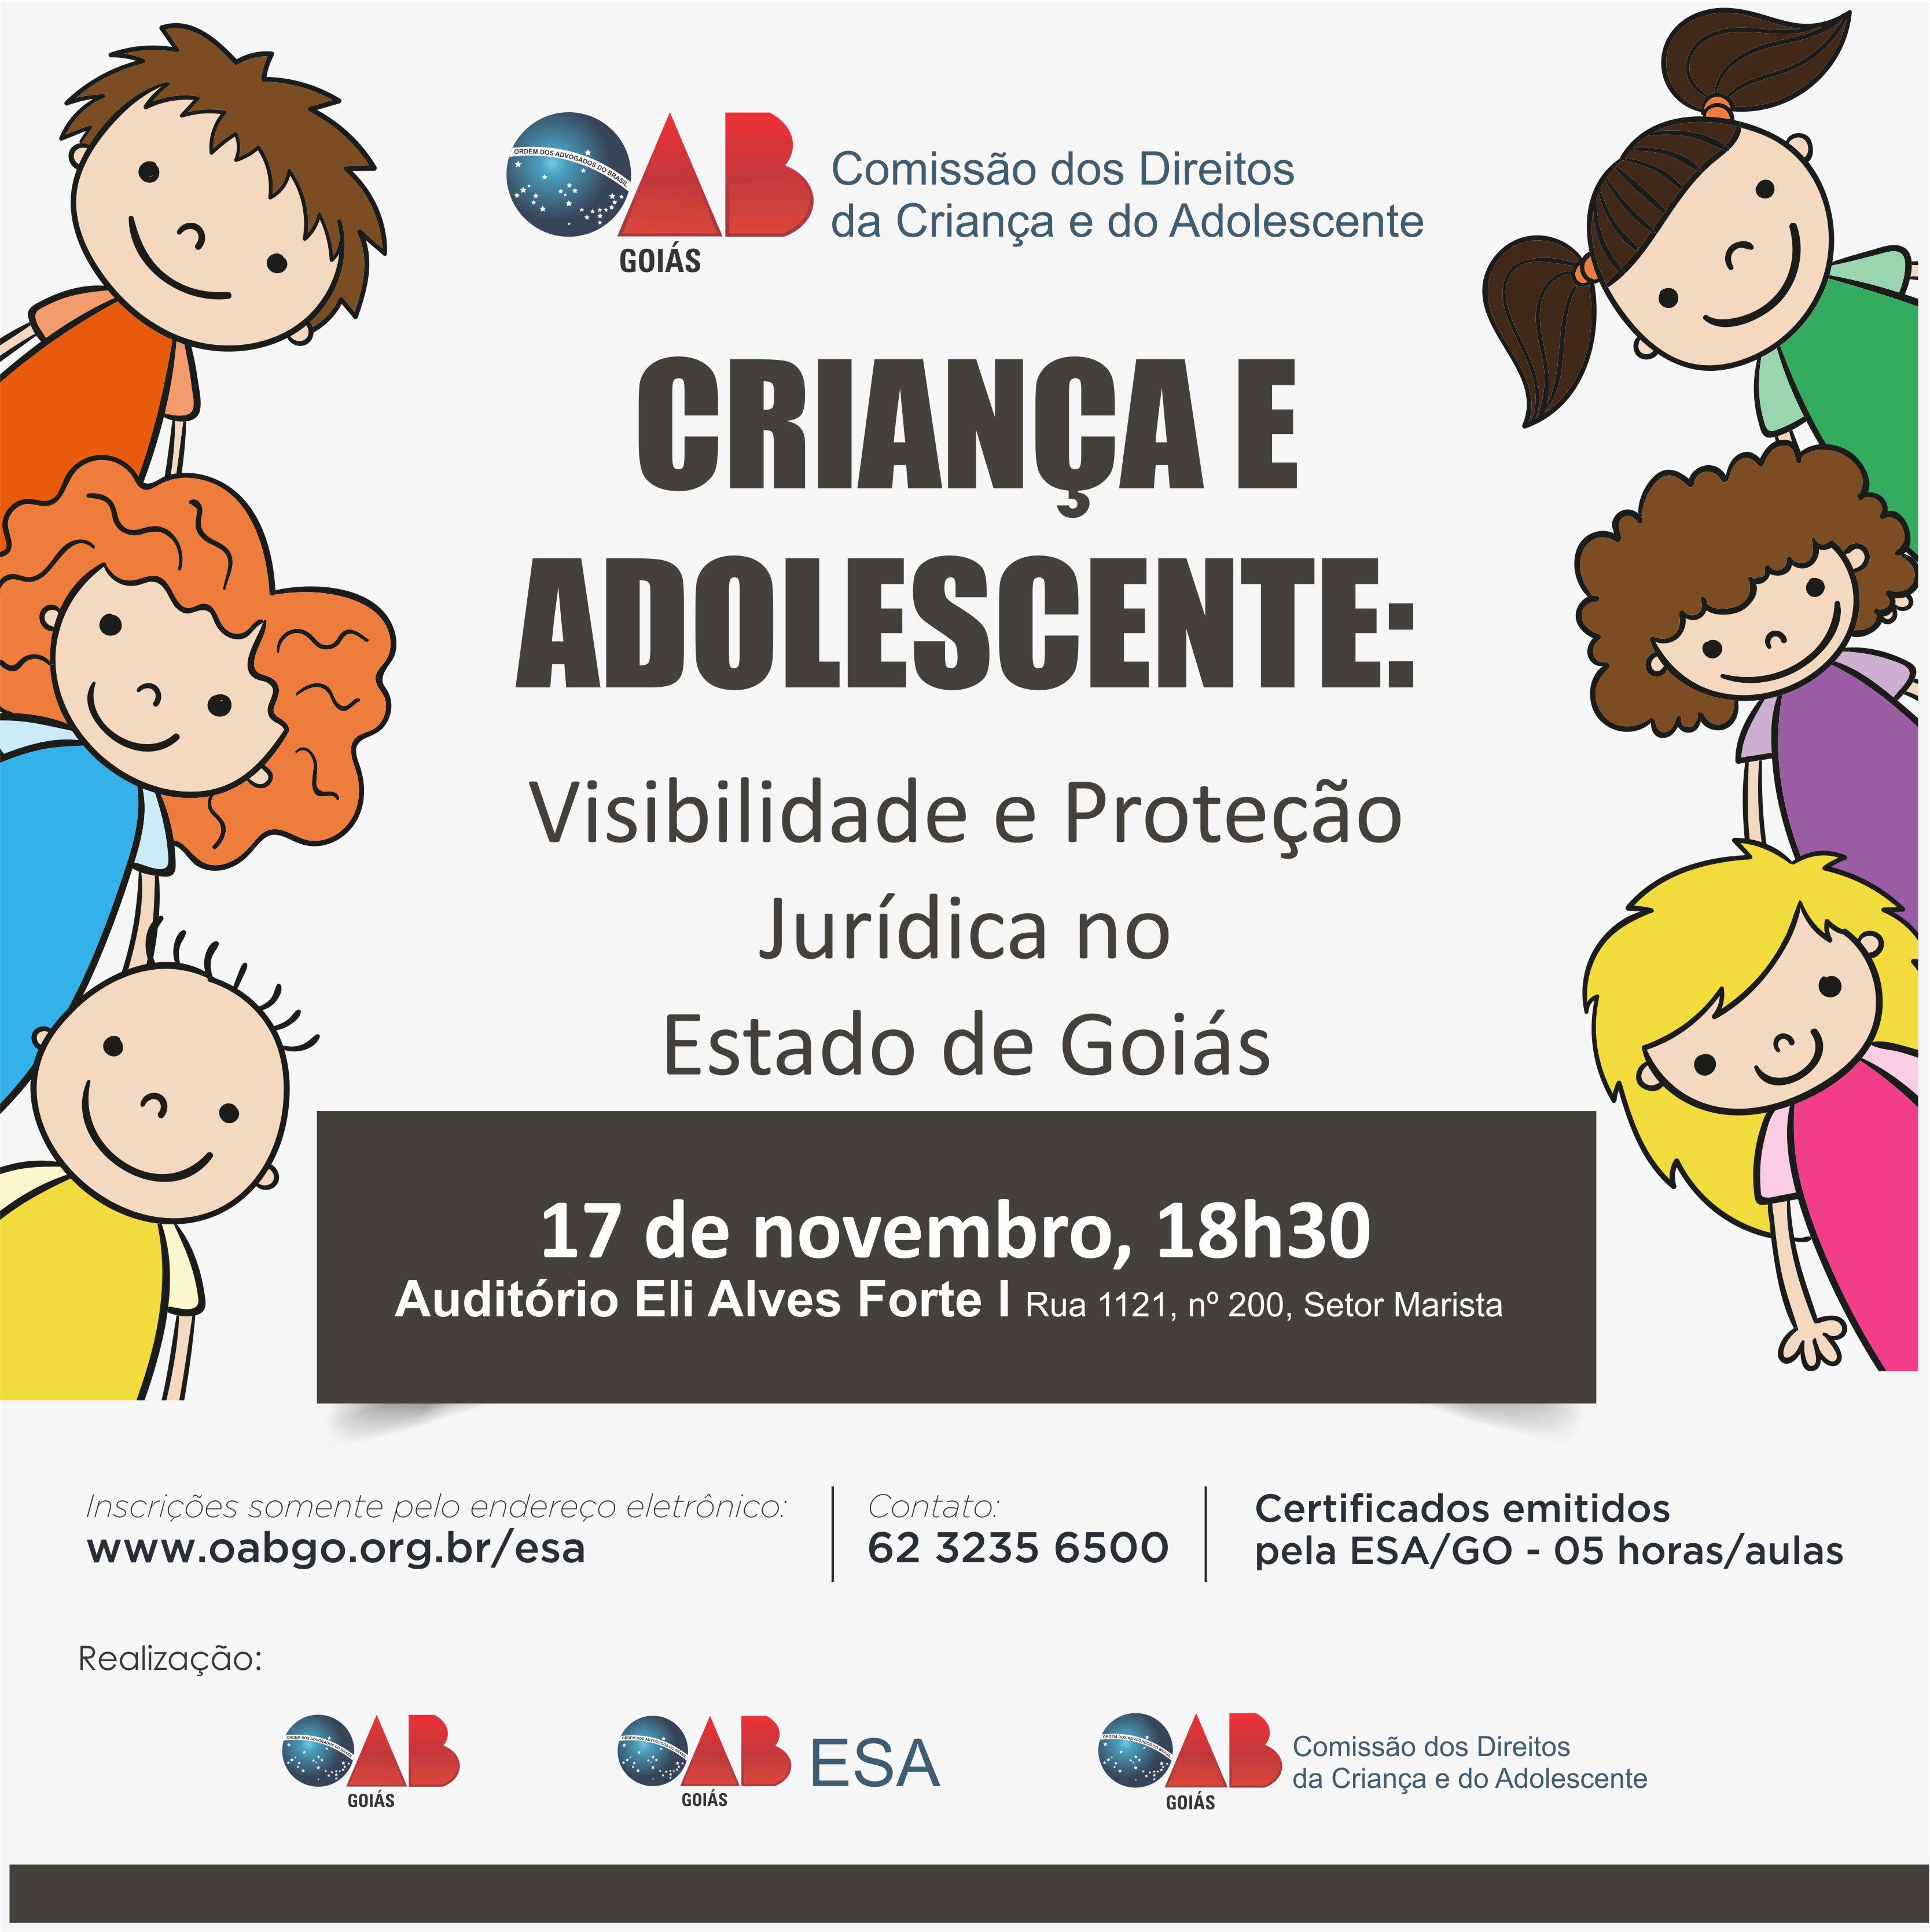 17/11 - Criança e Adolescente: Visibilidade e Proteção Jurídica